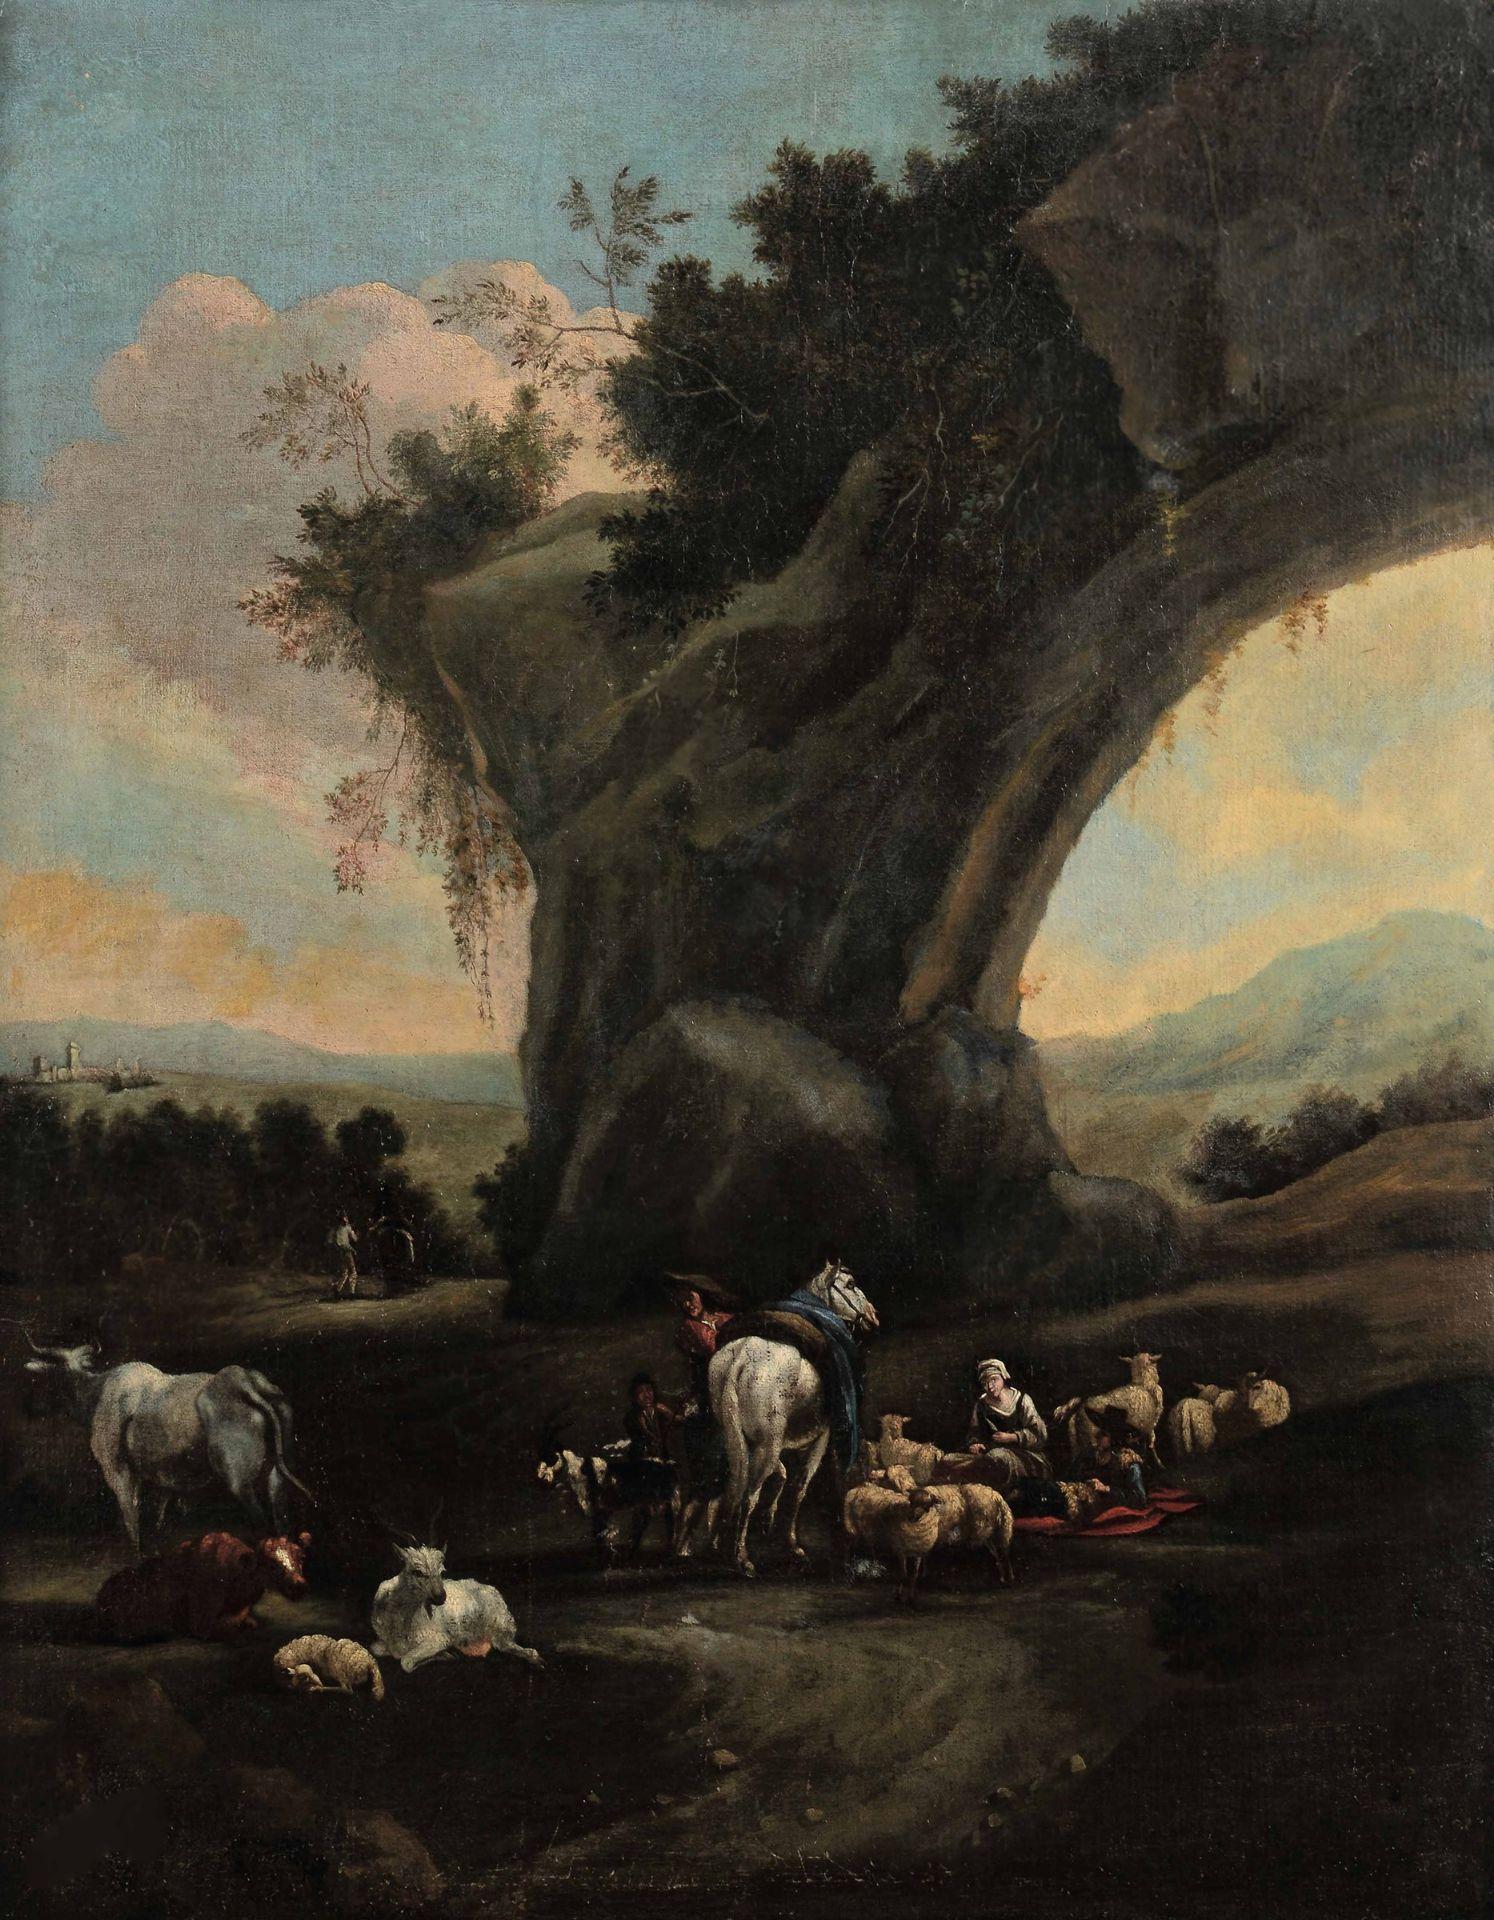 Los 24 - Scuola fiamminga del XVII secolo, Paesaggi con pastori e armenti - coppia di dipinti [...]